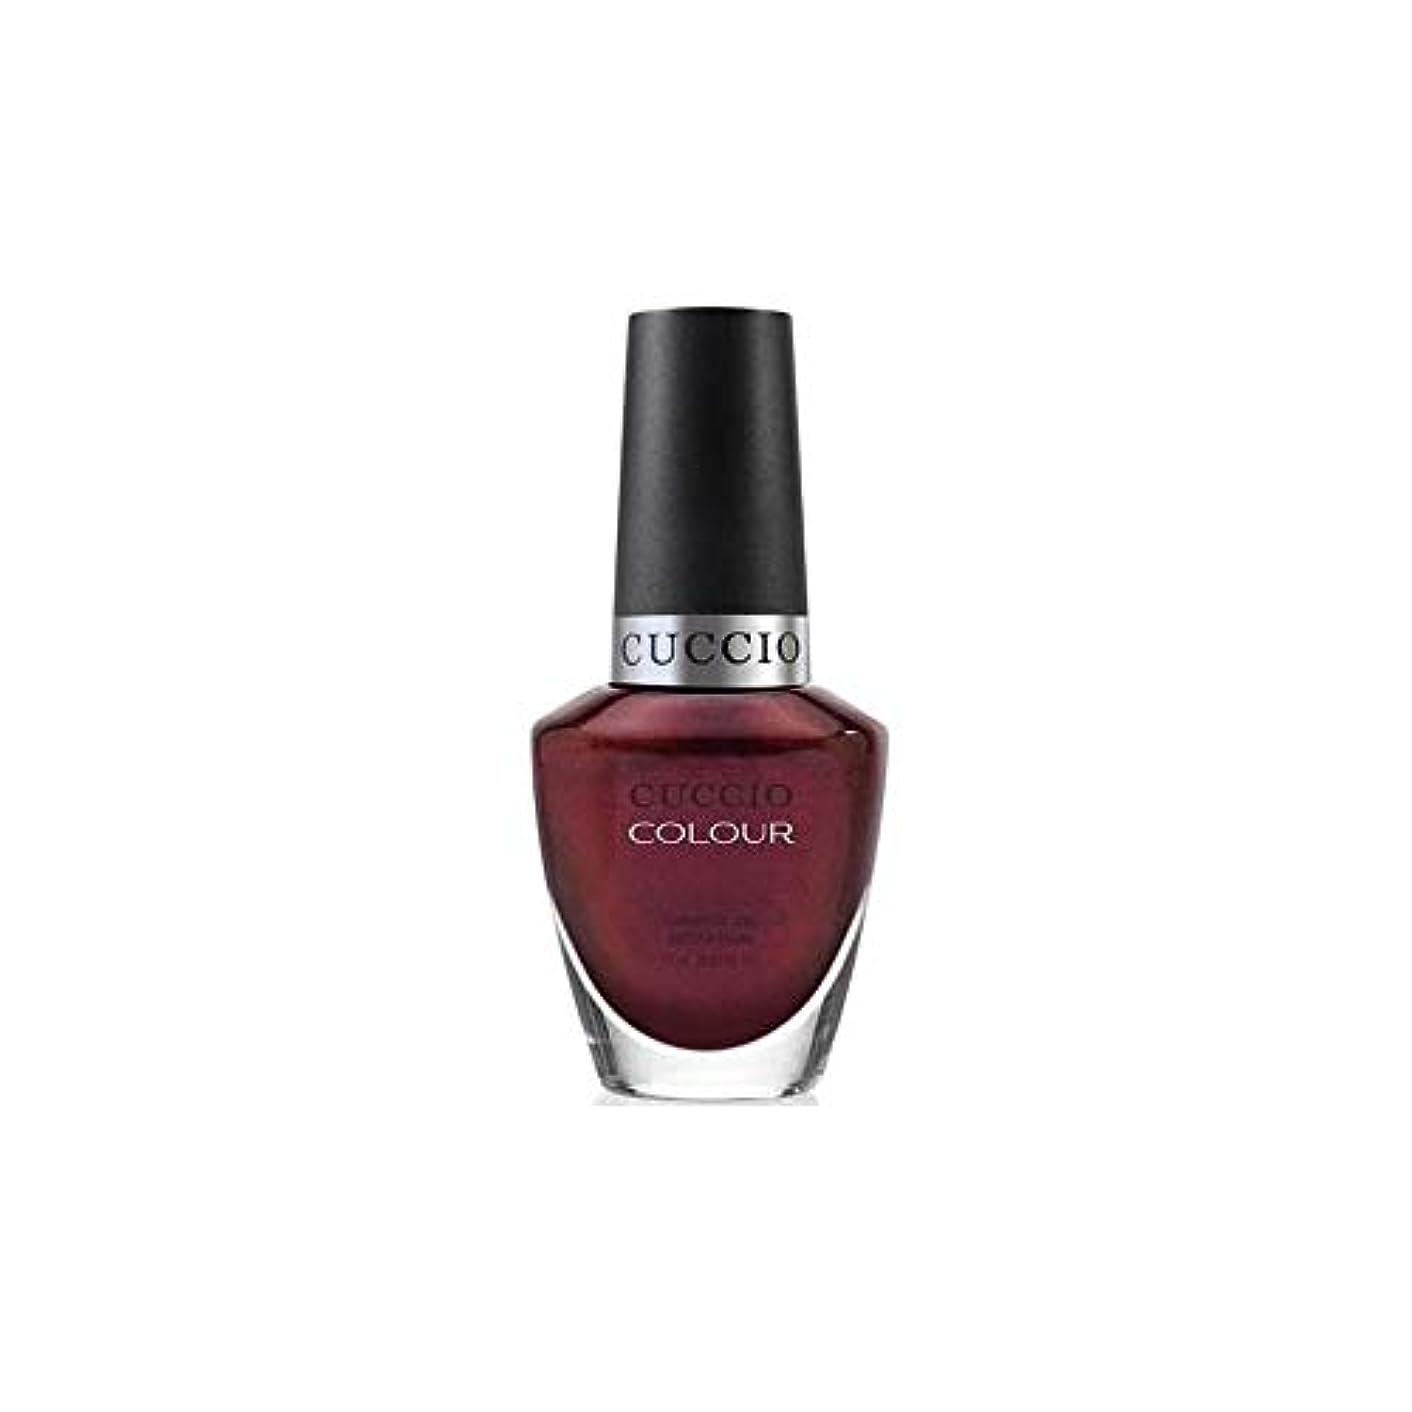 傾いたガイドライン債務Cuccio Colour Gloss Lacquer - Royal Flush - 0.43oz / 13ml